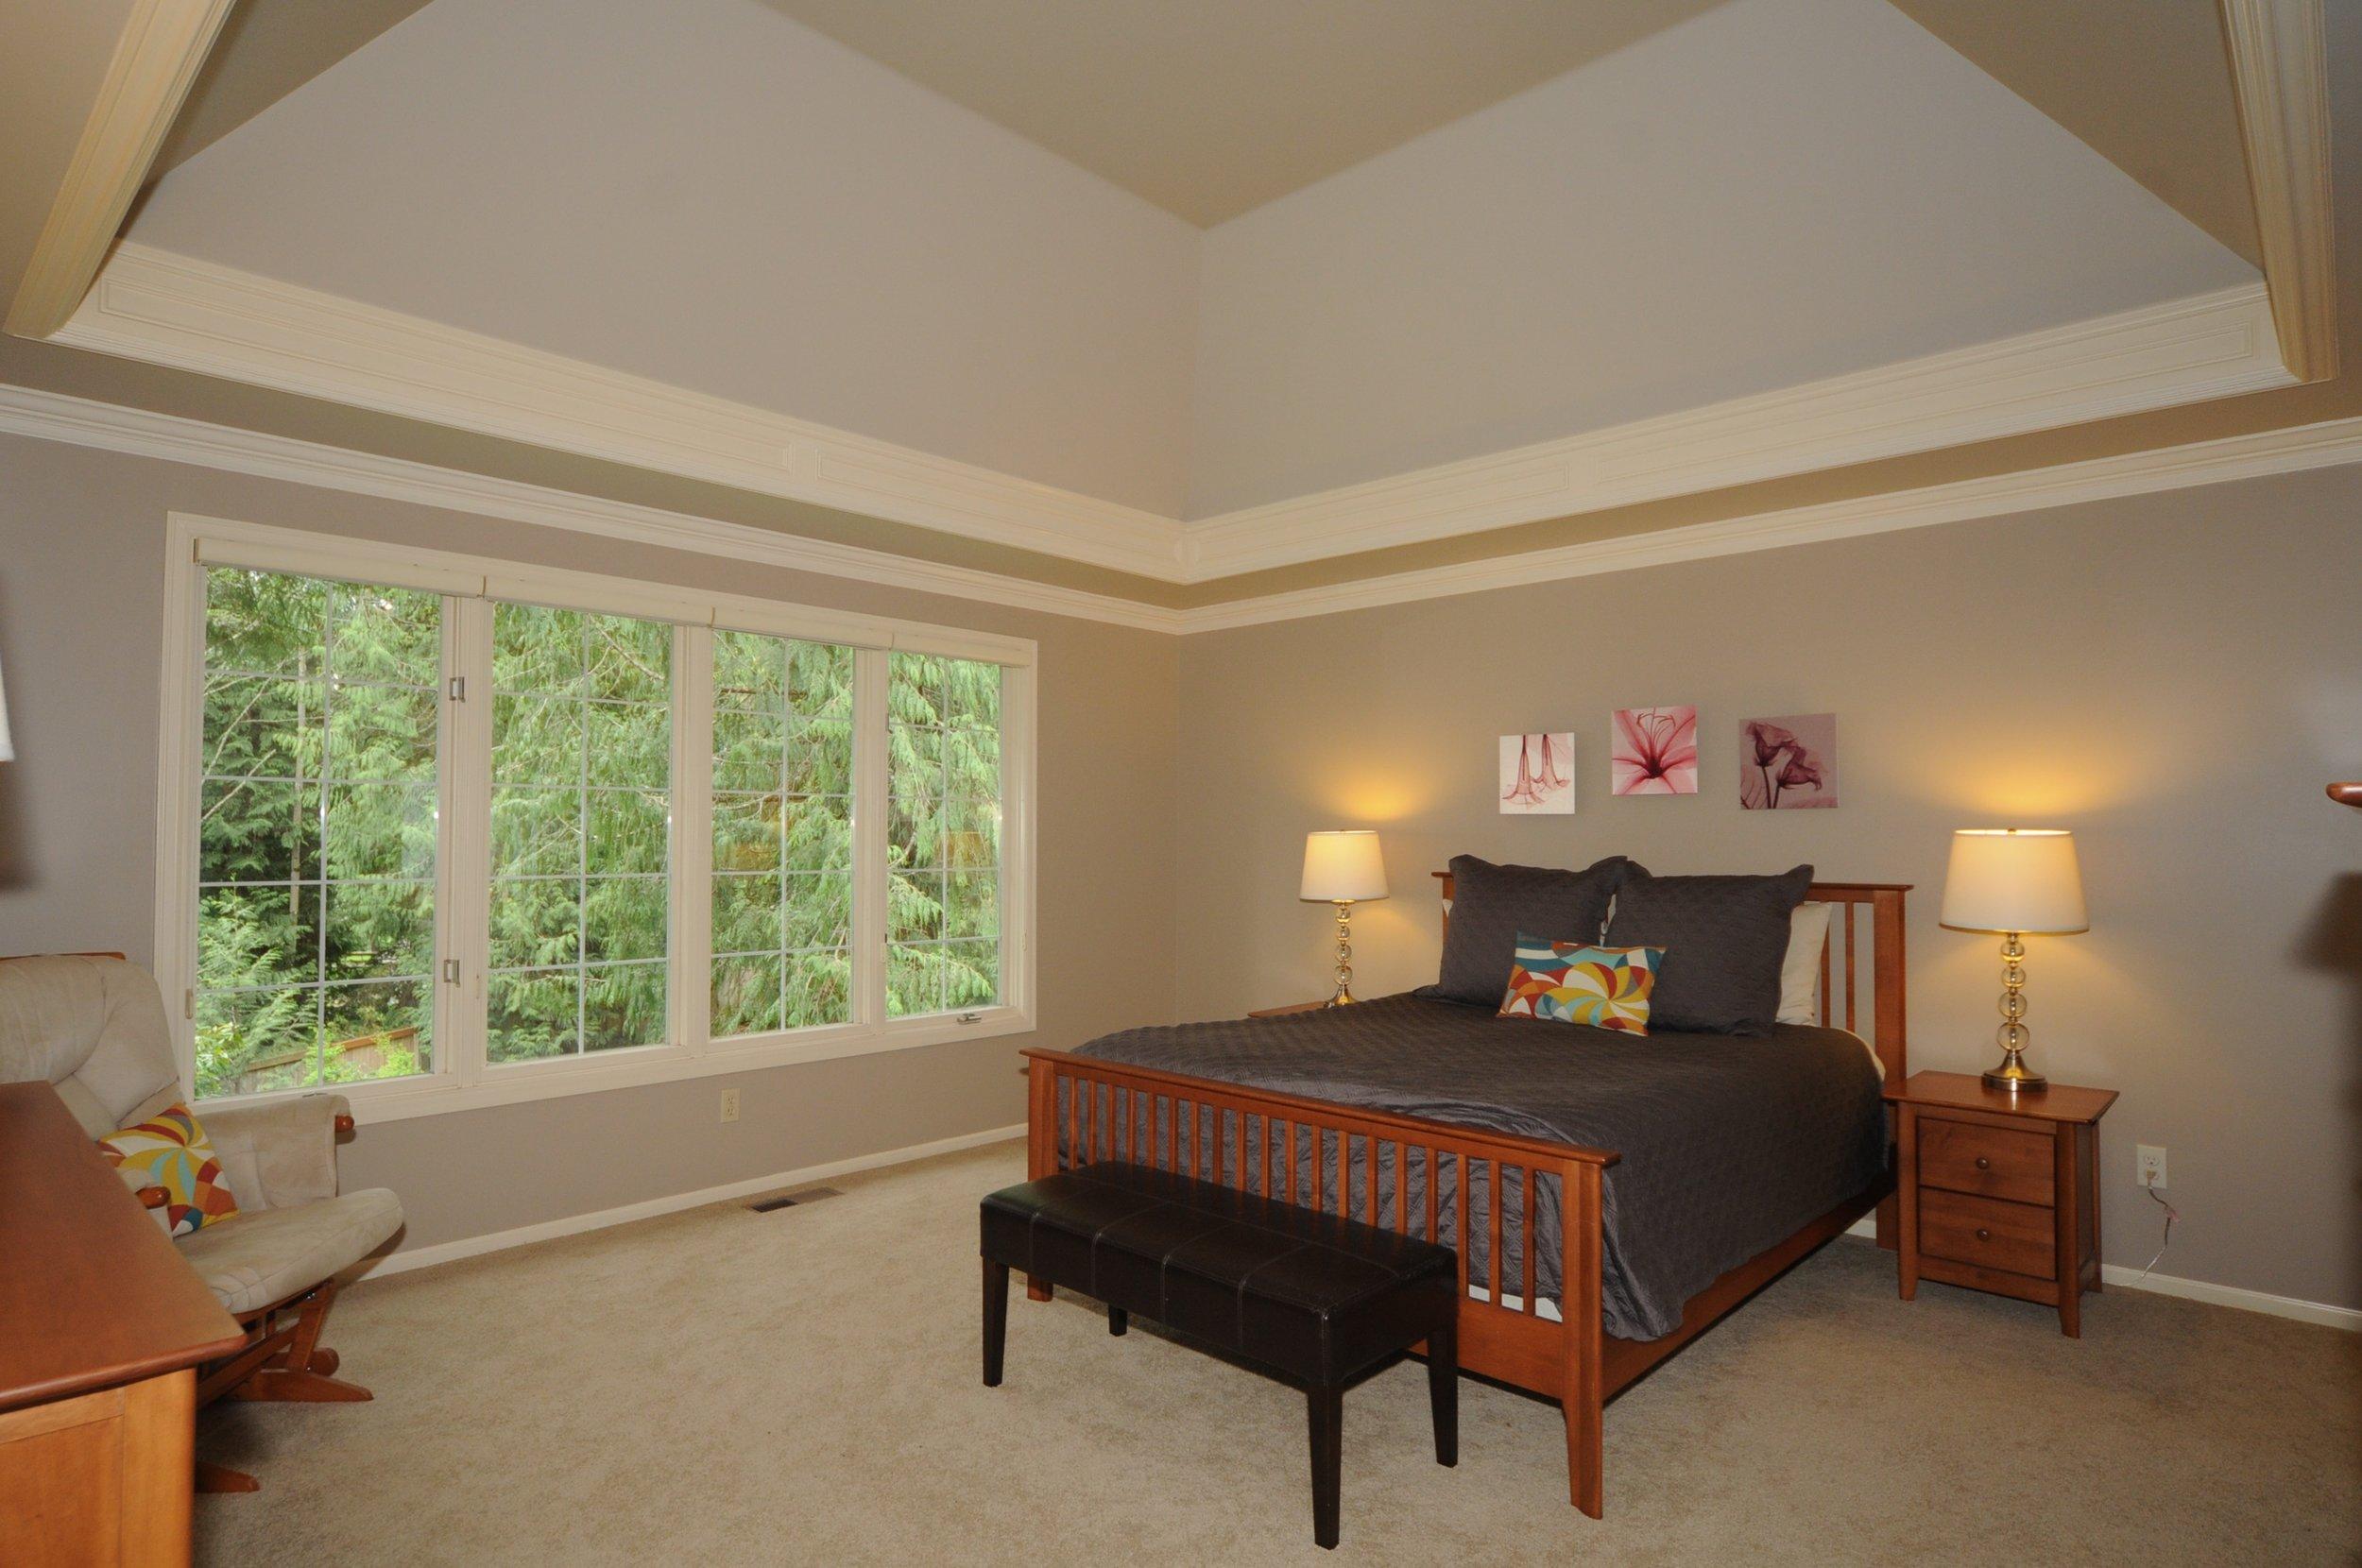 redmond_buchan_master bedroom.jpg